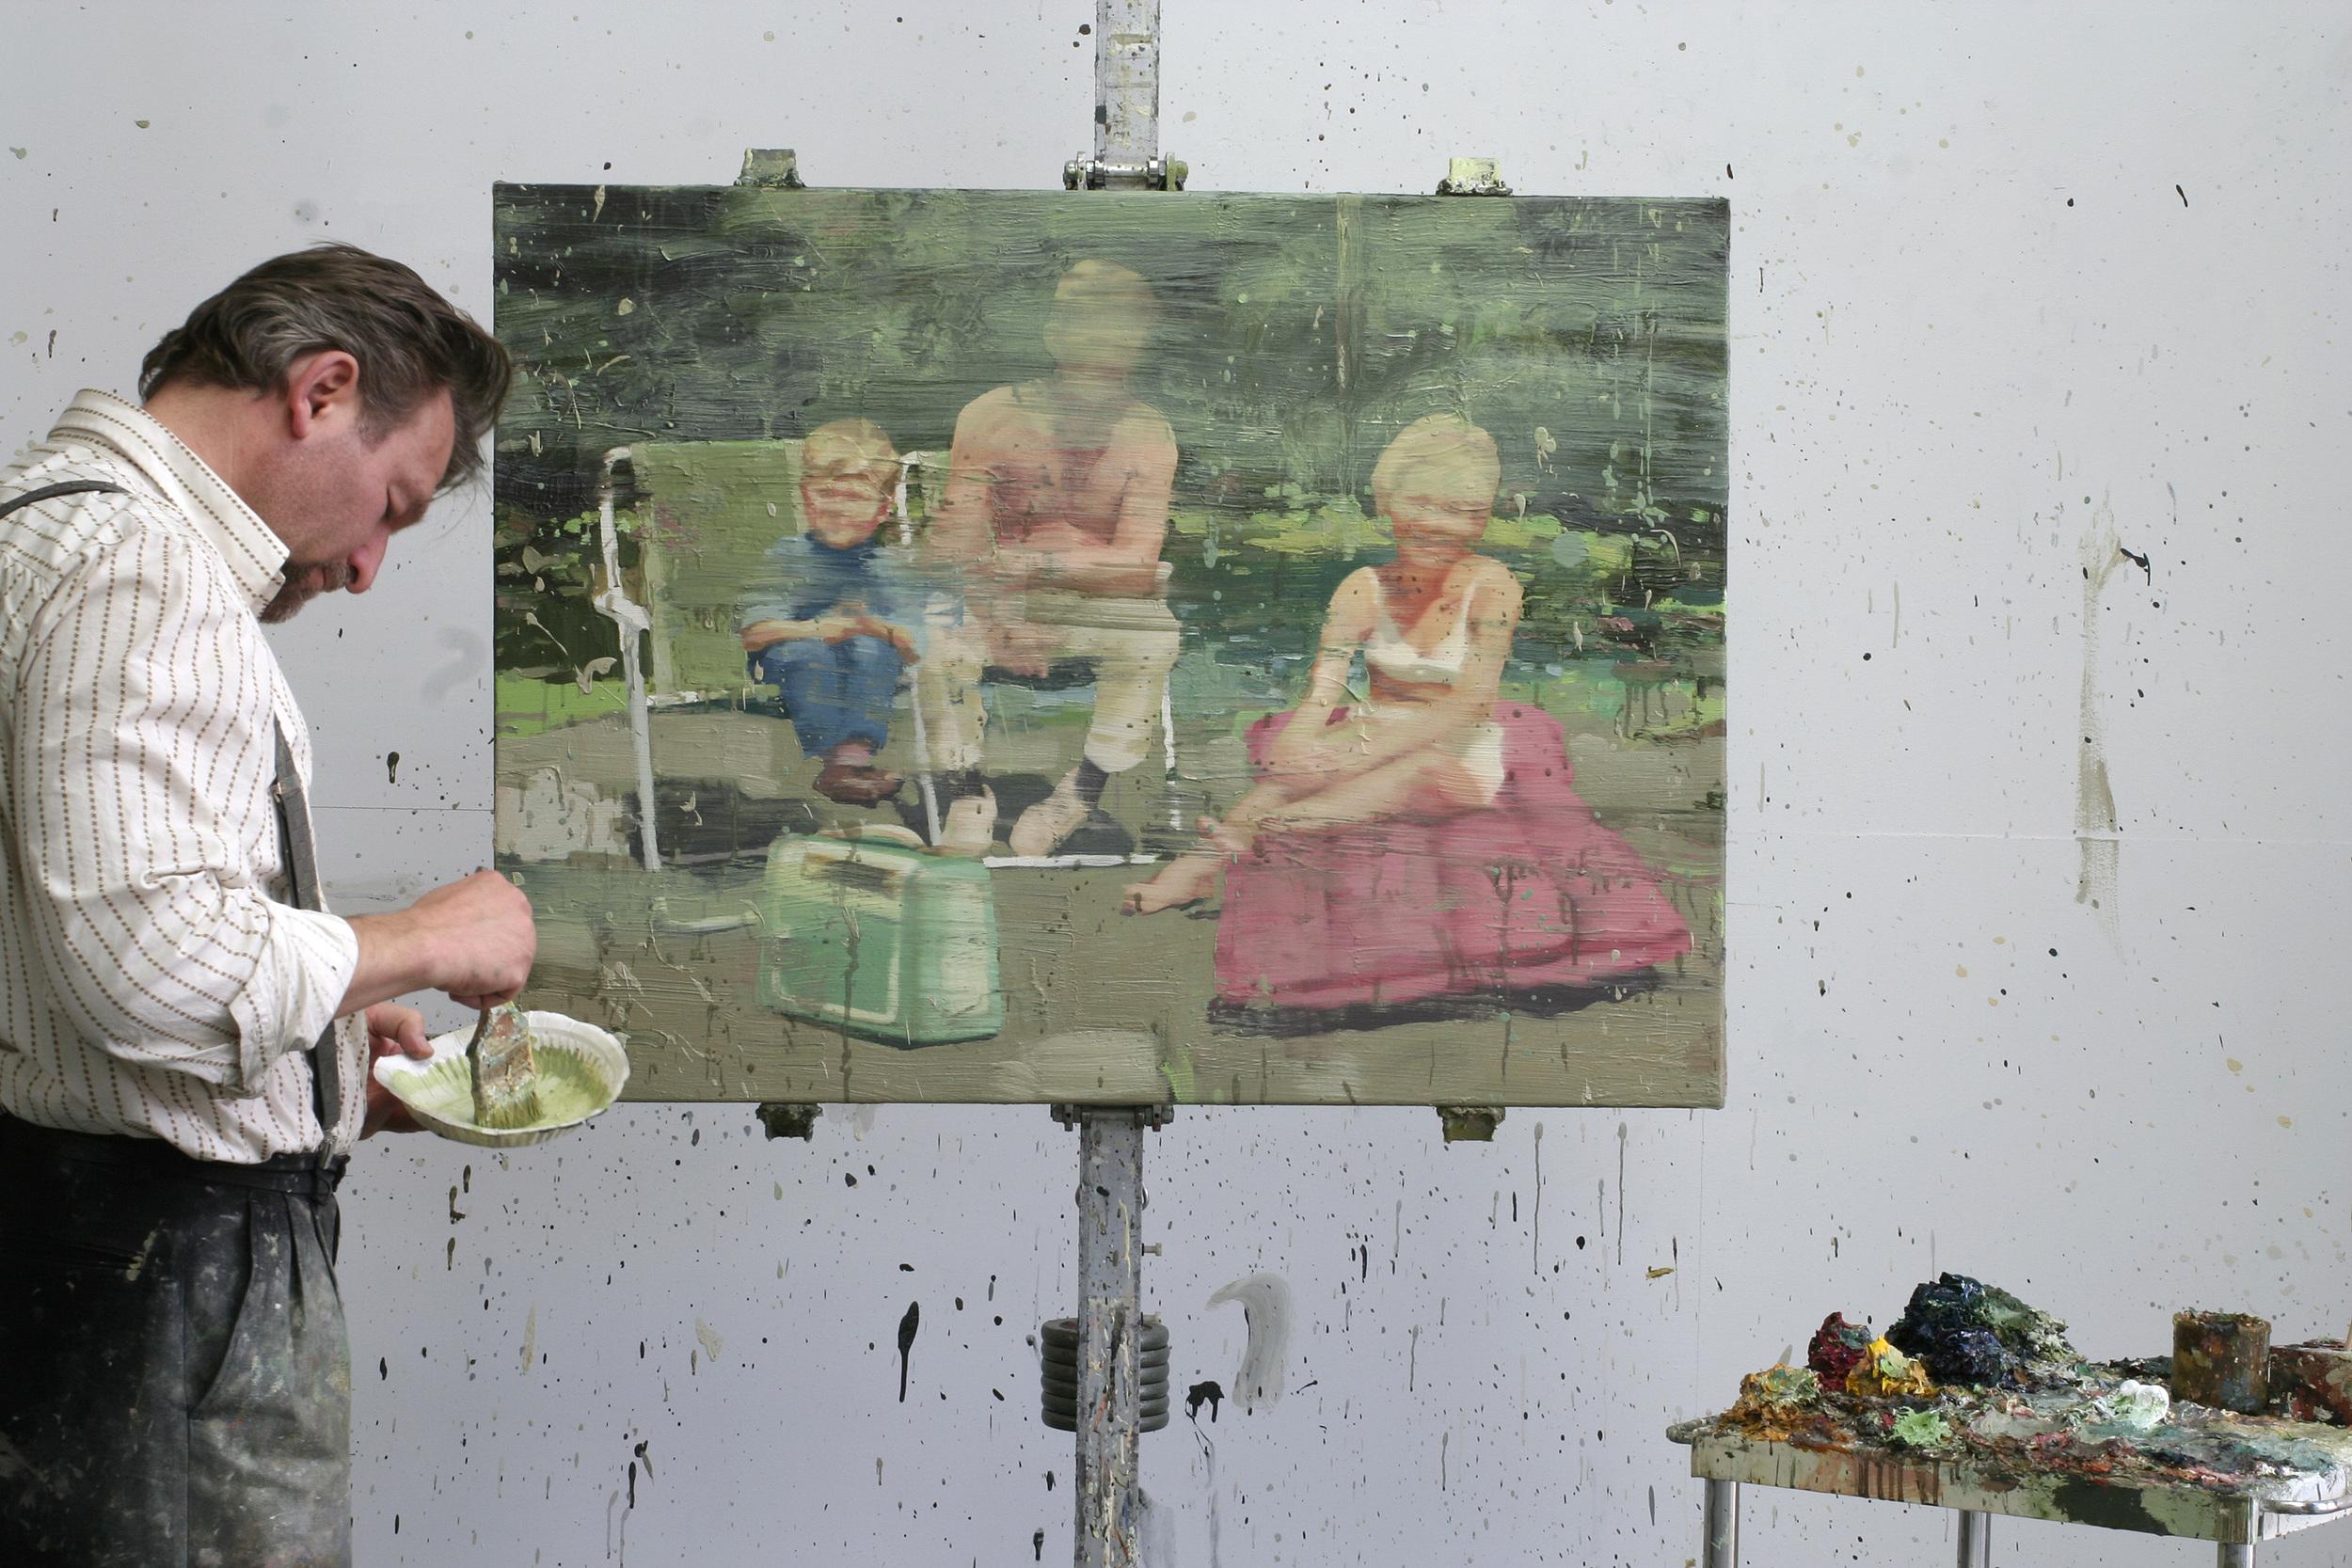 Mamma og pappa og meg | 115x85 cm | Eggoljetempera på lerret | Privat eie